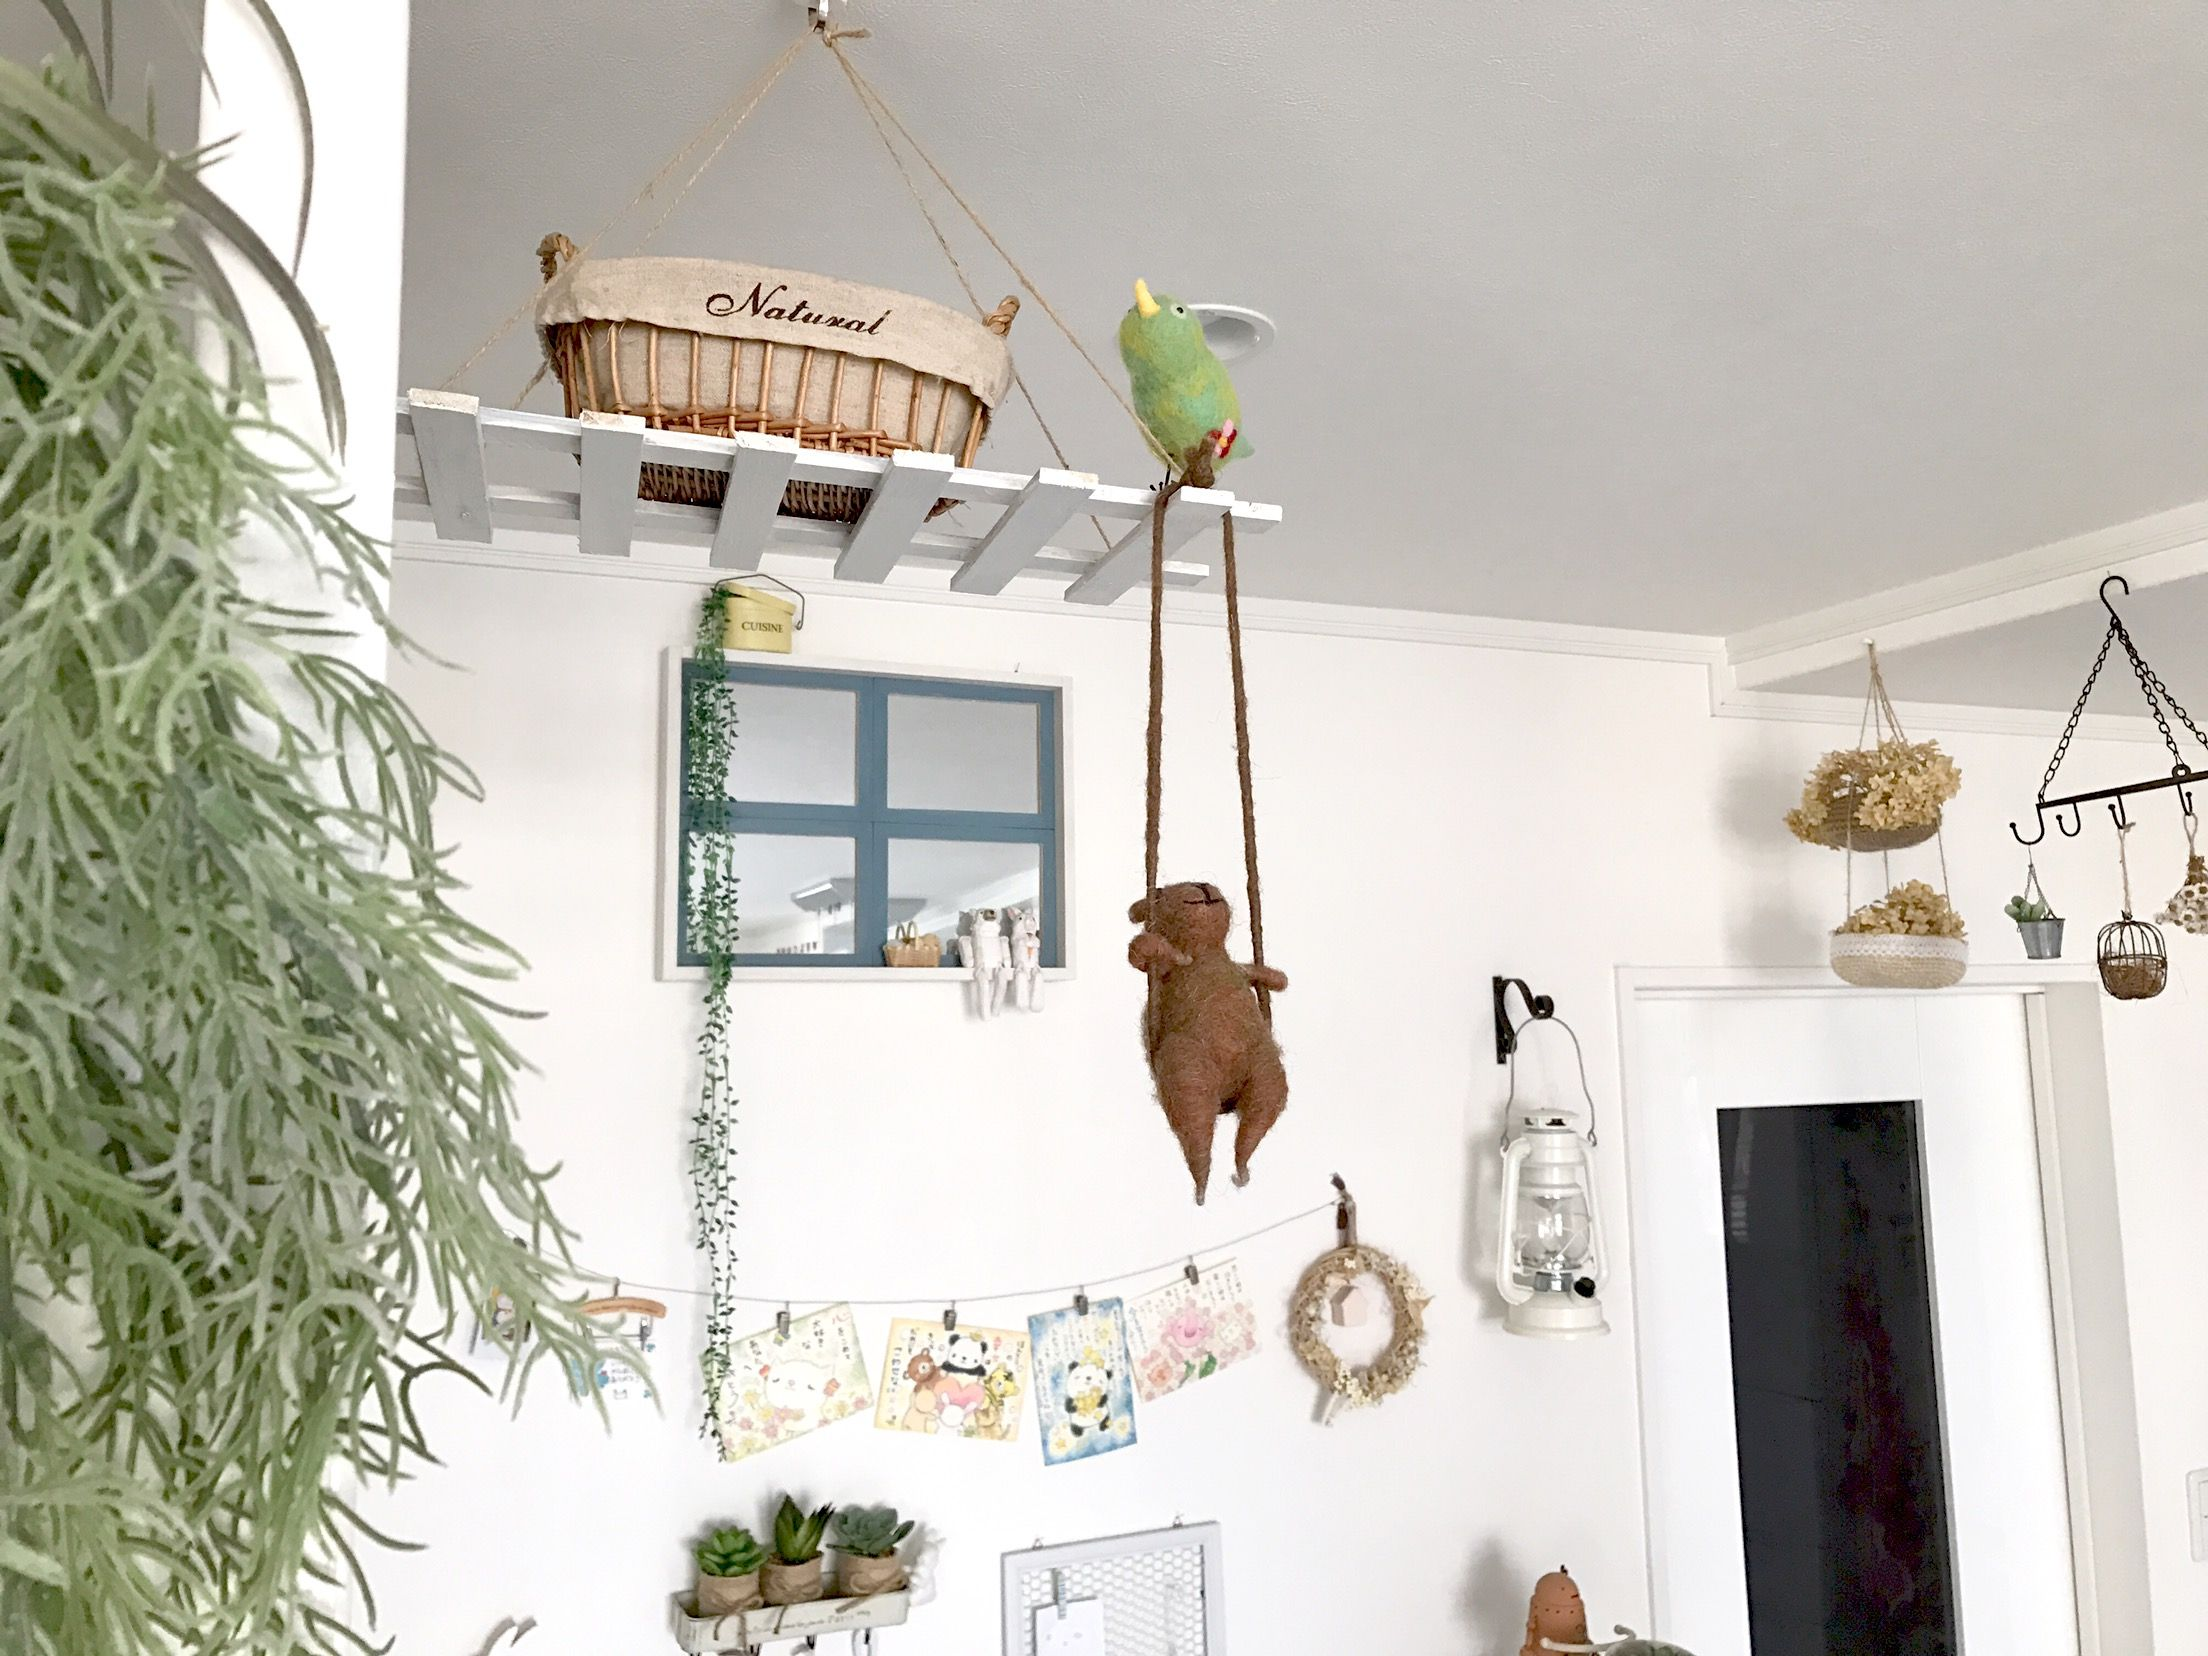 セリアのミラーで♪窓風シェルフ*。 セリアのミラーを使って、ちょこっと雑貨を飾れる窓風シェルフを作りました♪